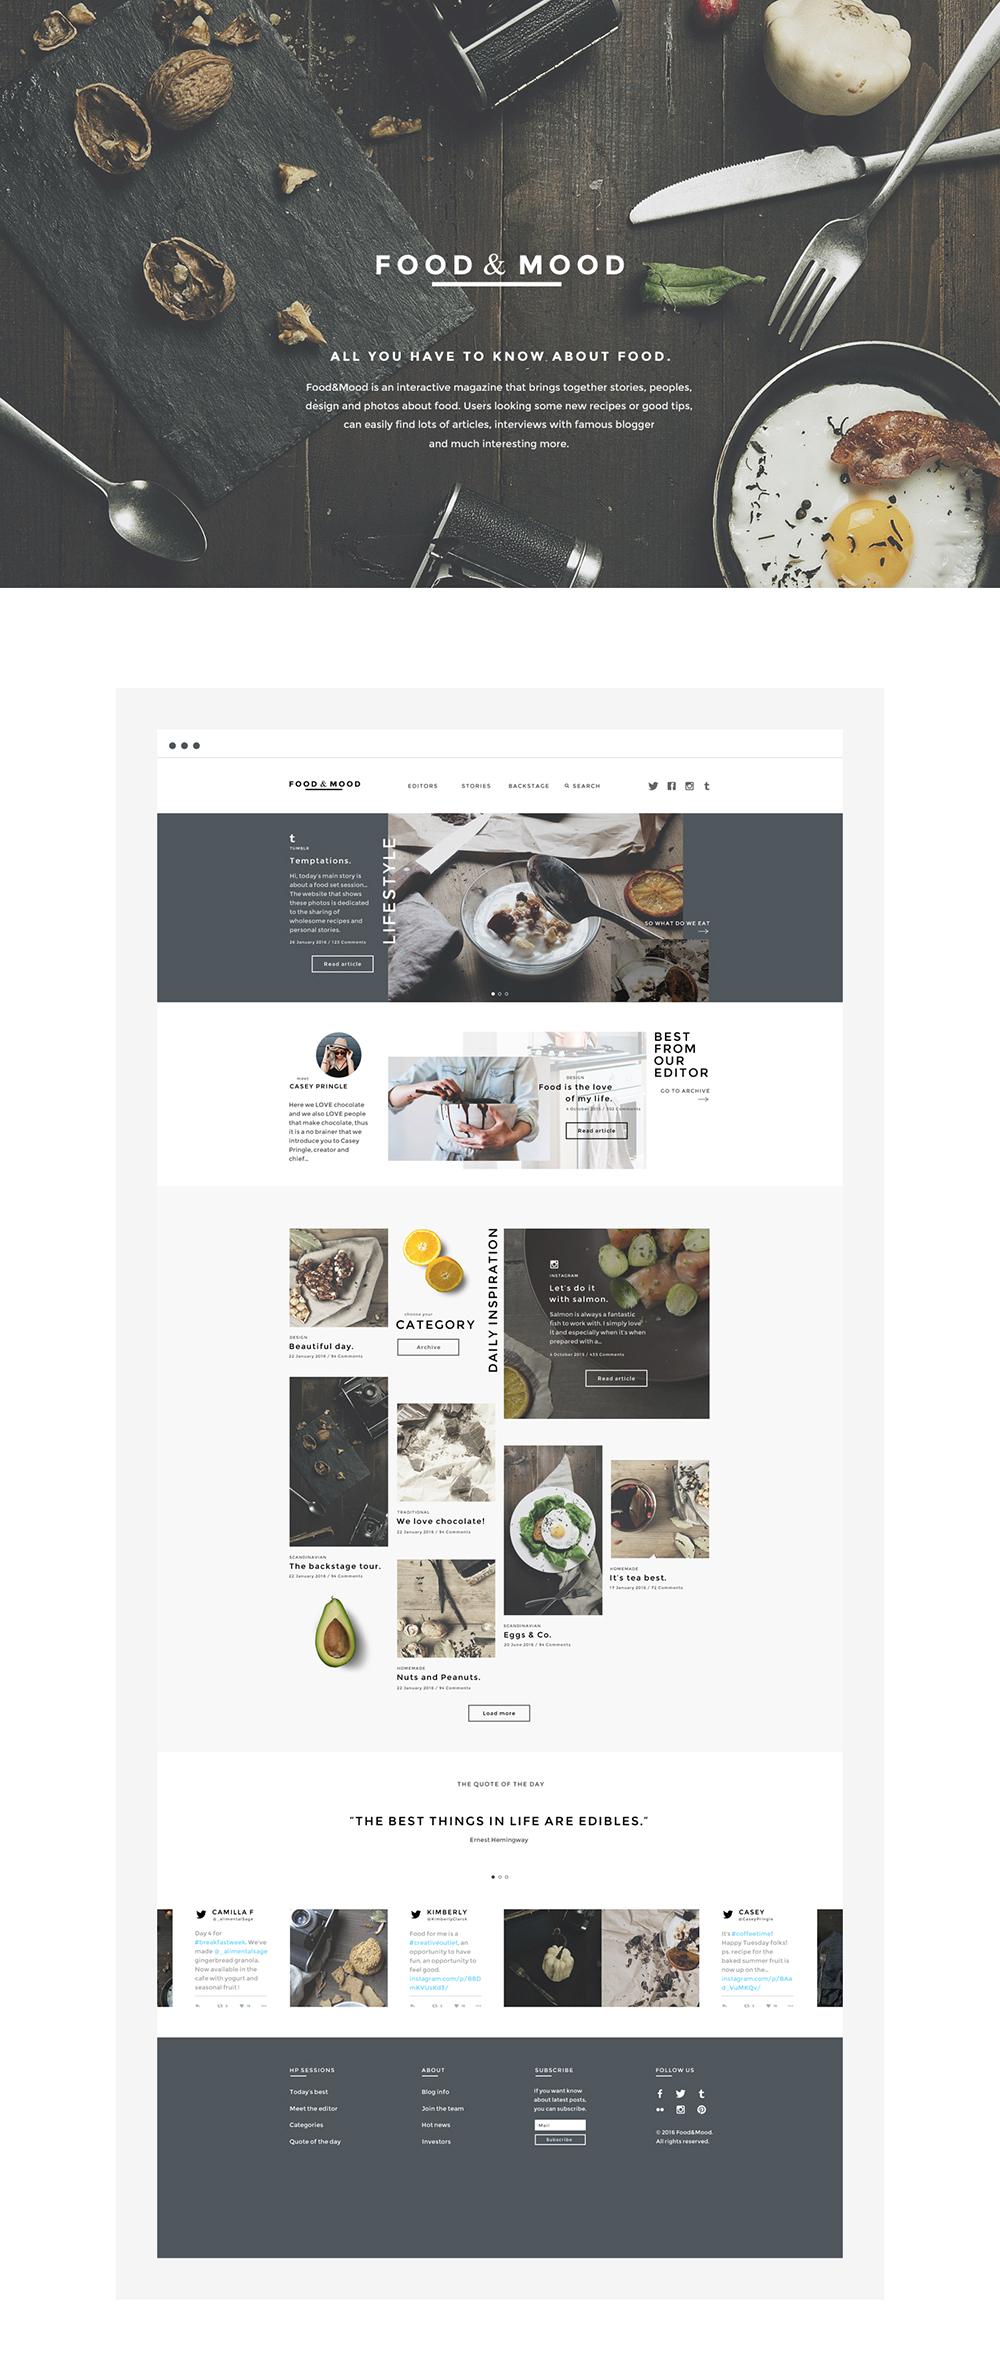 레스토랑 홈페이지에 적합한 추천웹사이트입니다.